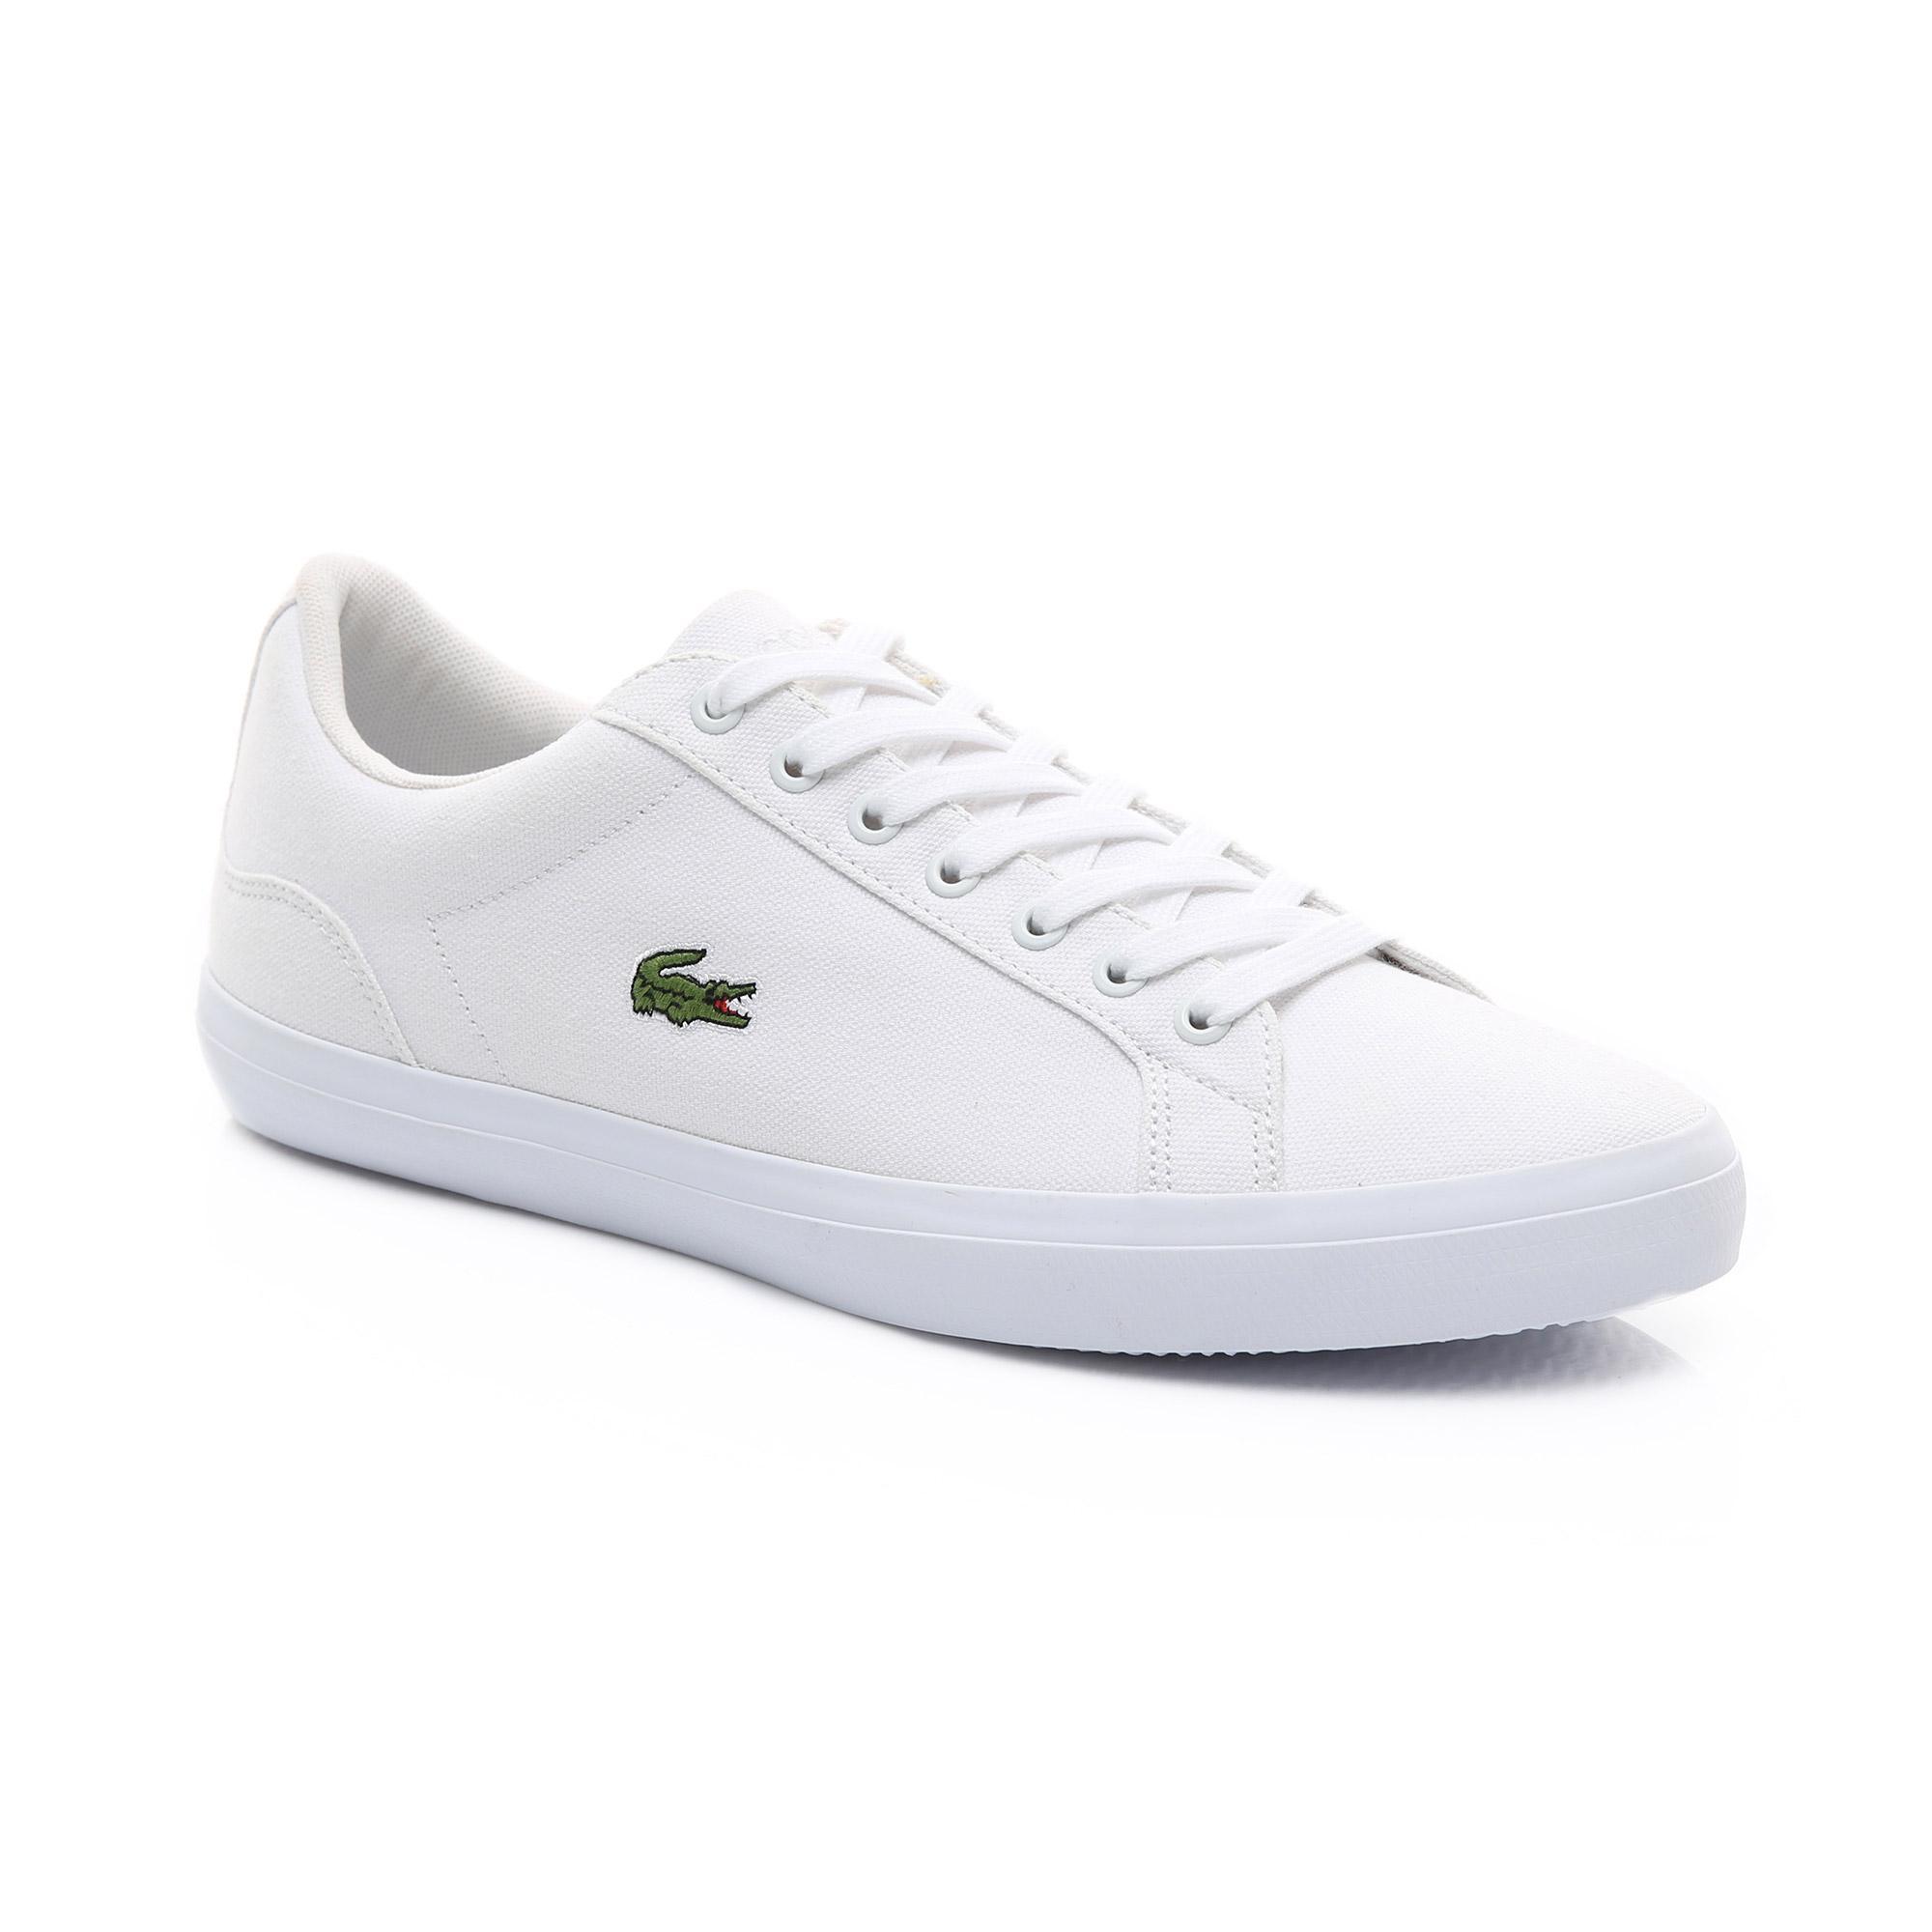 70991a99e Lacoste Men's Lerond Canvas Sneakers 733CAM1033 001 | lacoste.pl ...